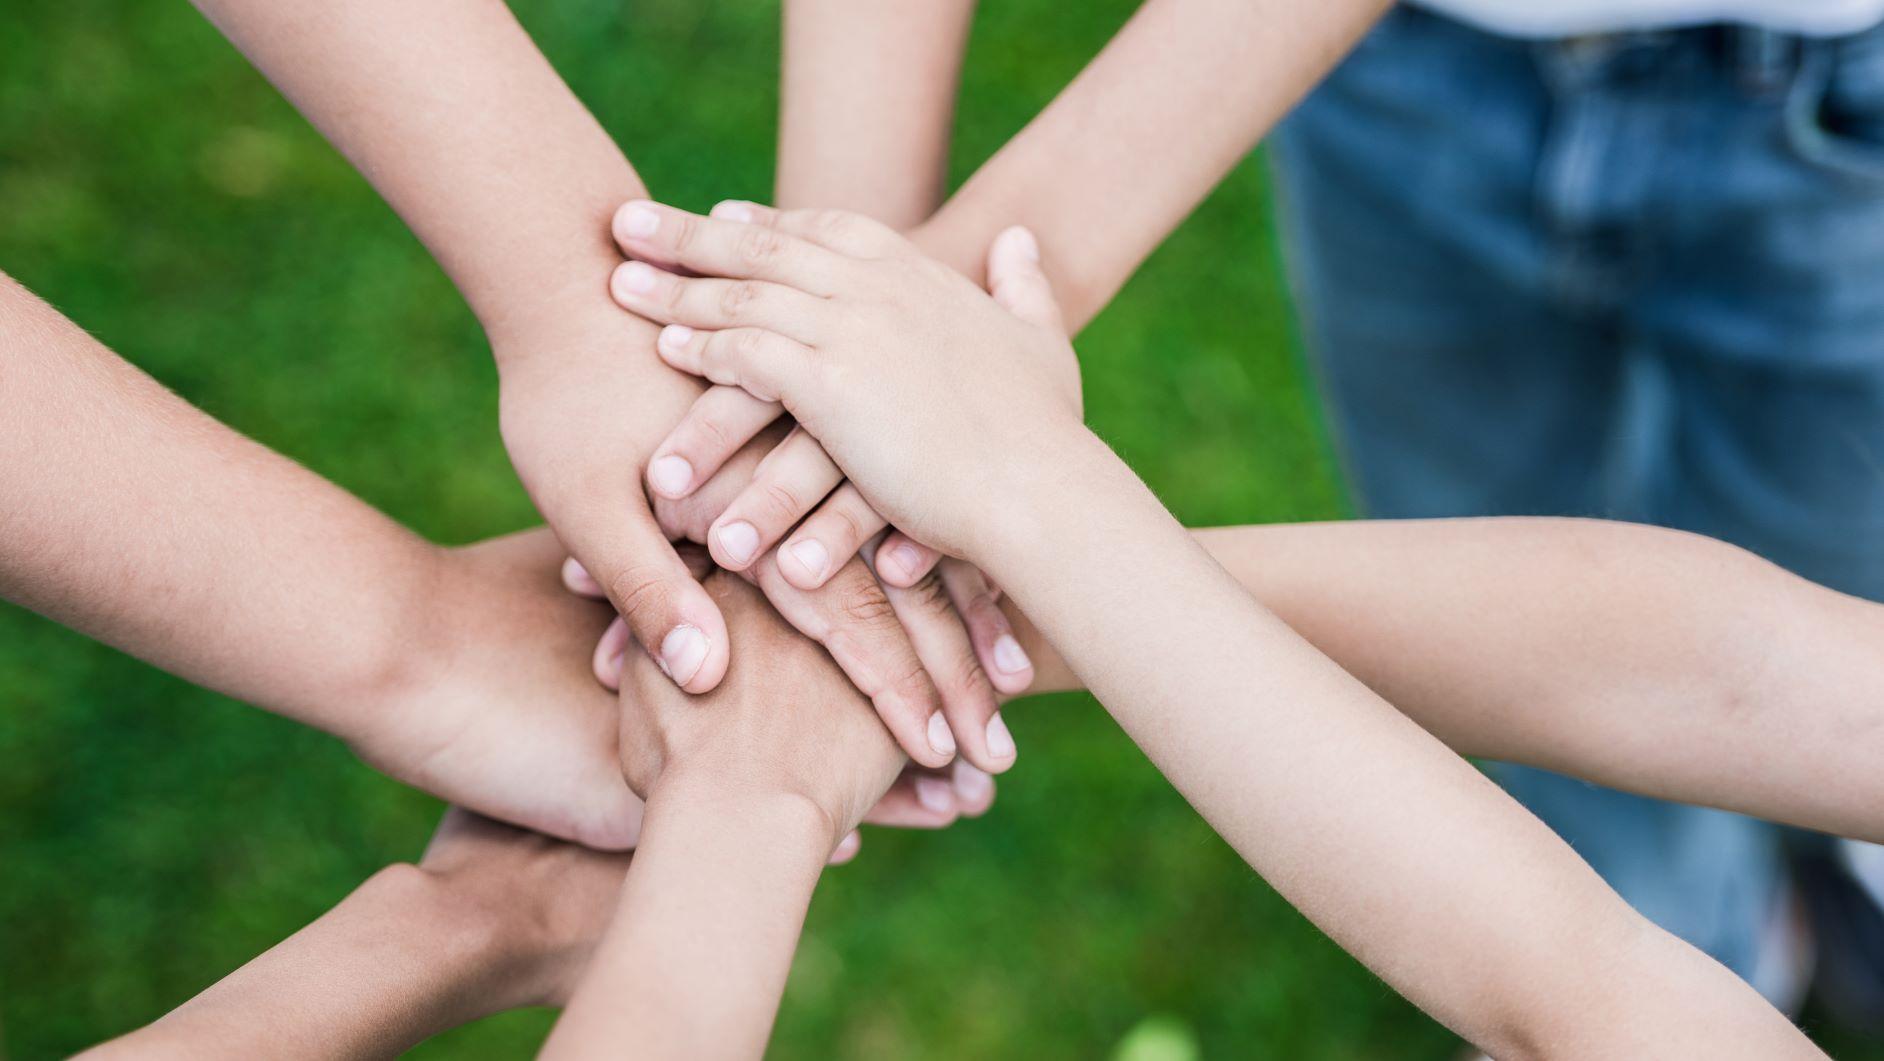 Niños apoyando su manos, en signo de colaboración pacifica